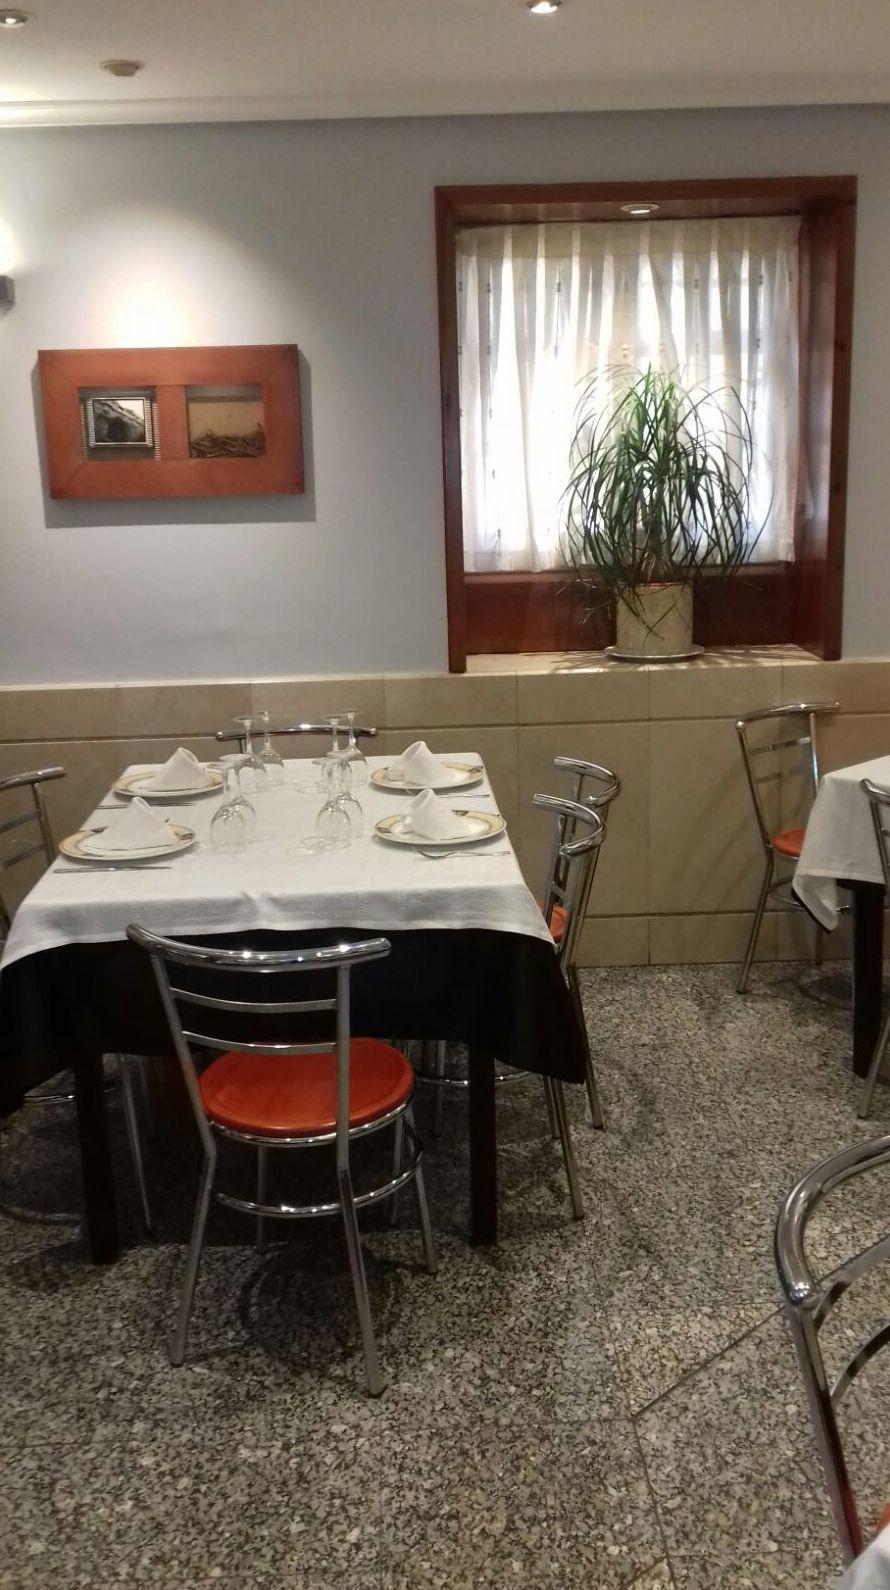 Restaurante con menú económico en Huesca